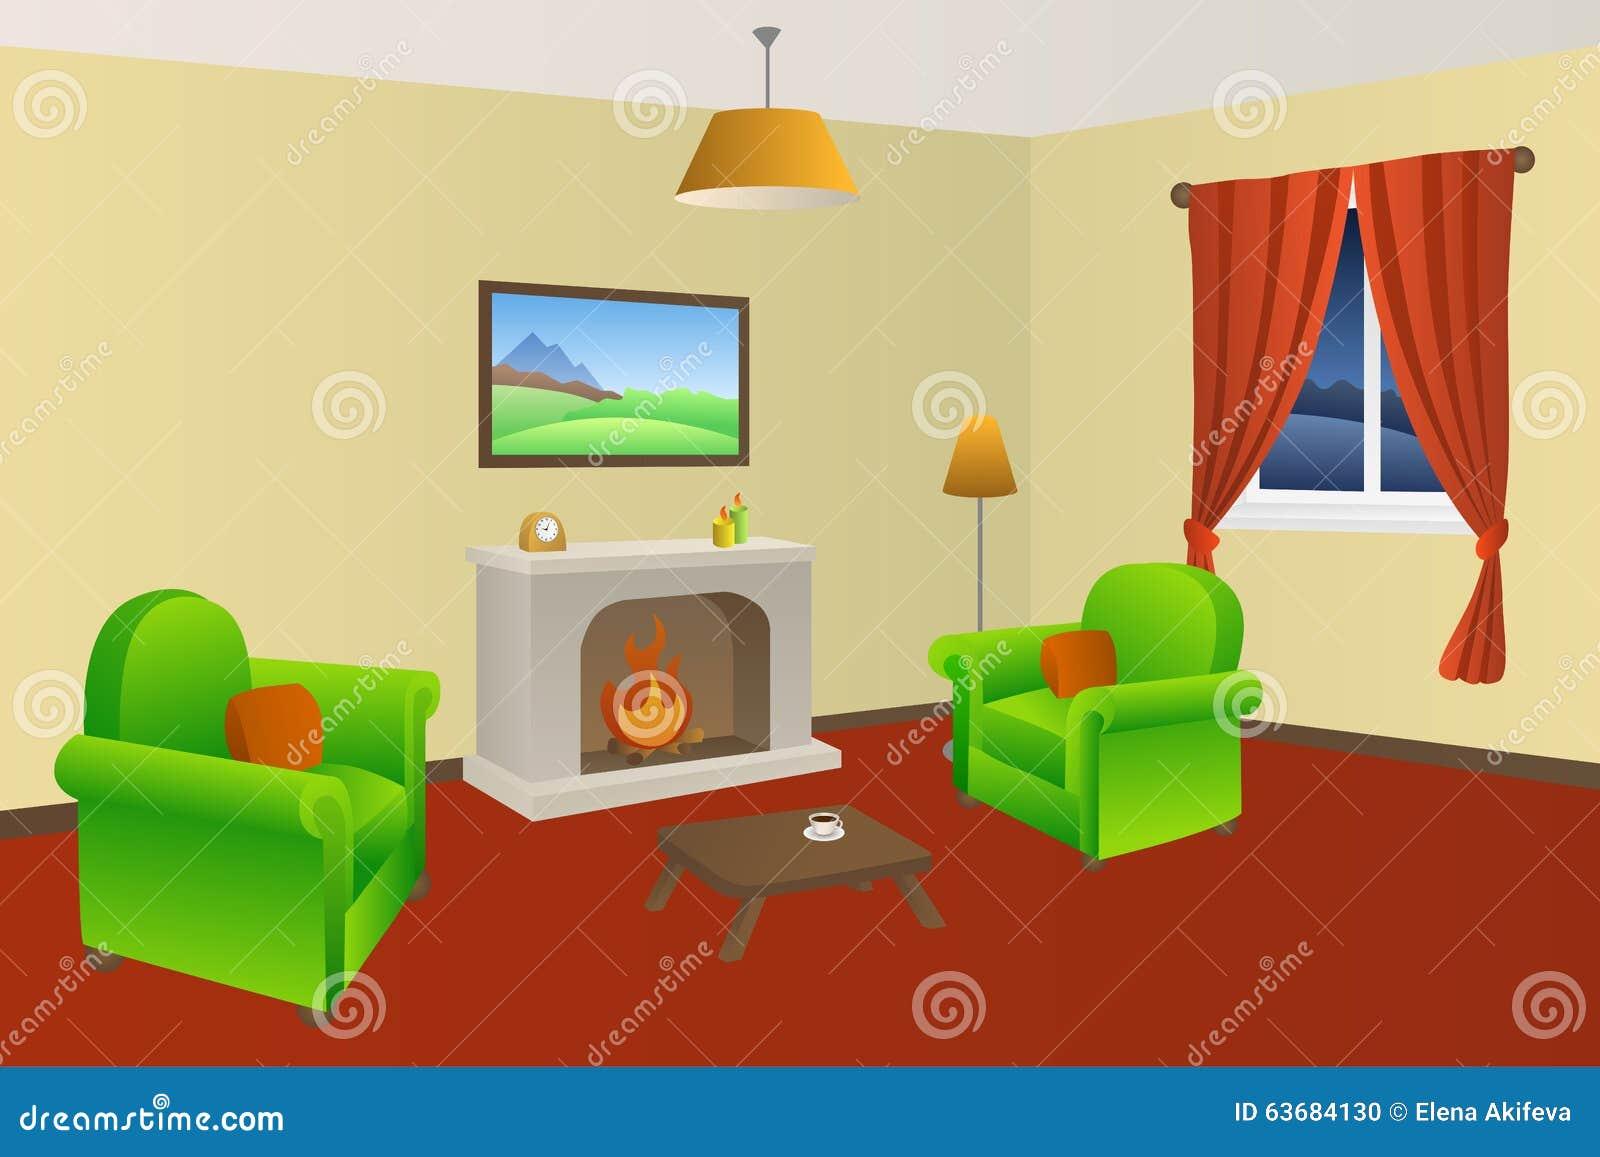 Vardagsrum med röda och gula väggar och spis. royaltyfri fotografi ...